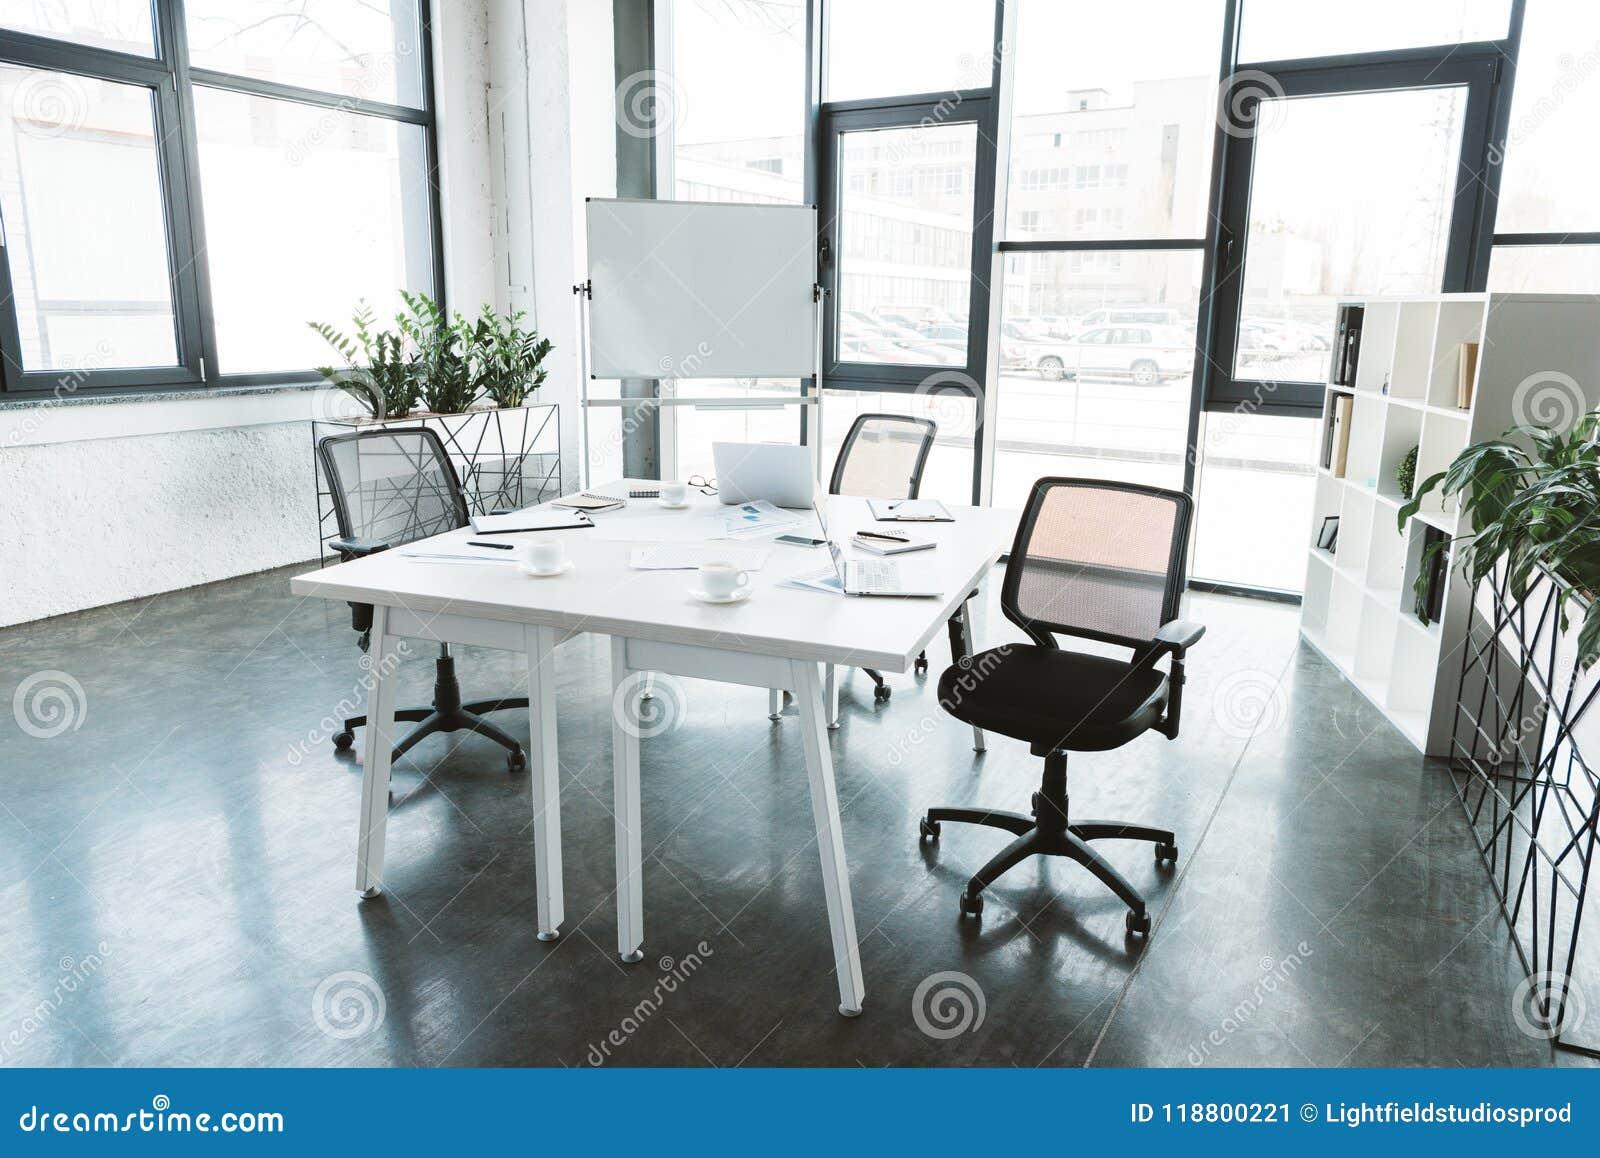 Nowożytny biurowy wnętrze z biurkiem, papiery, krzesła